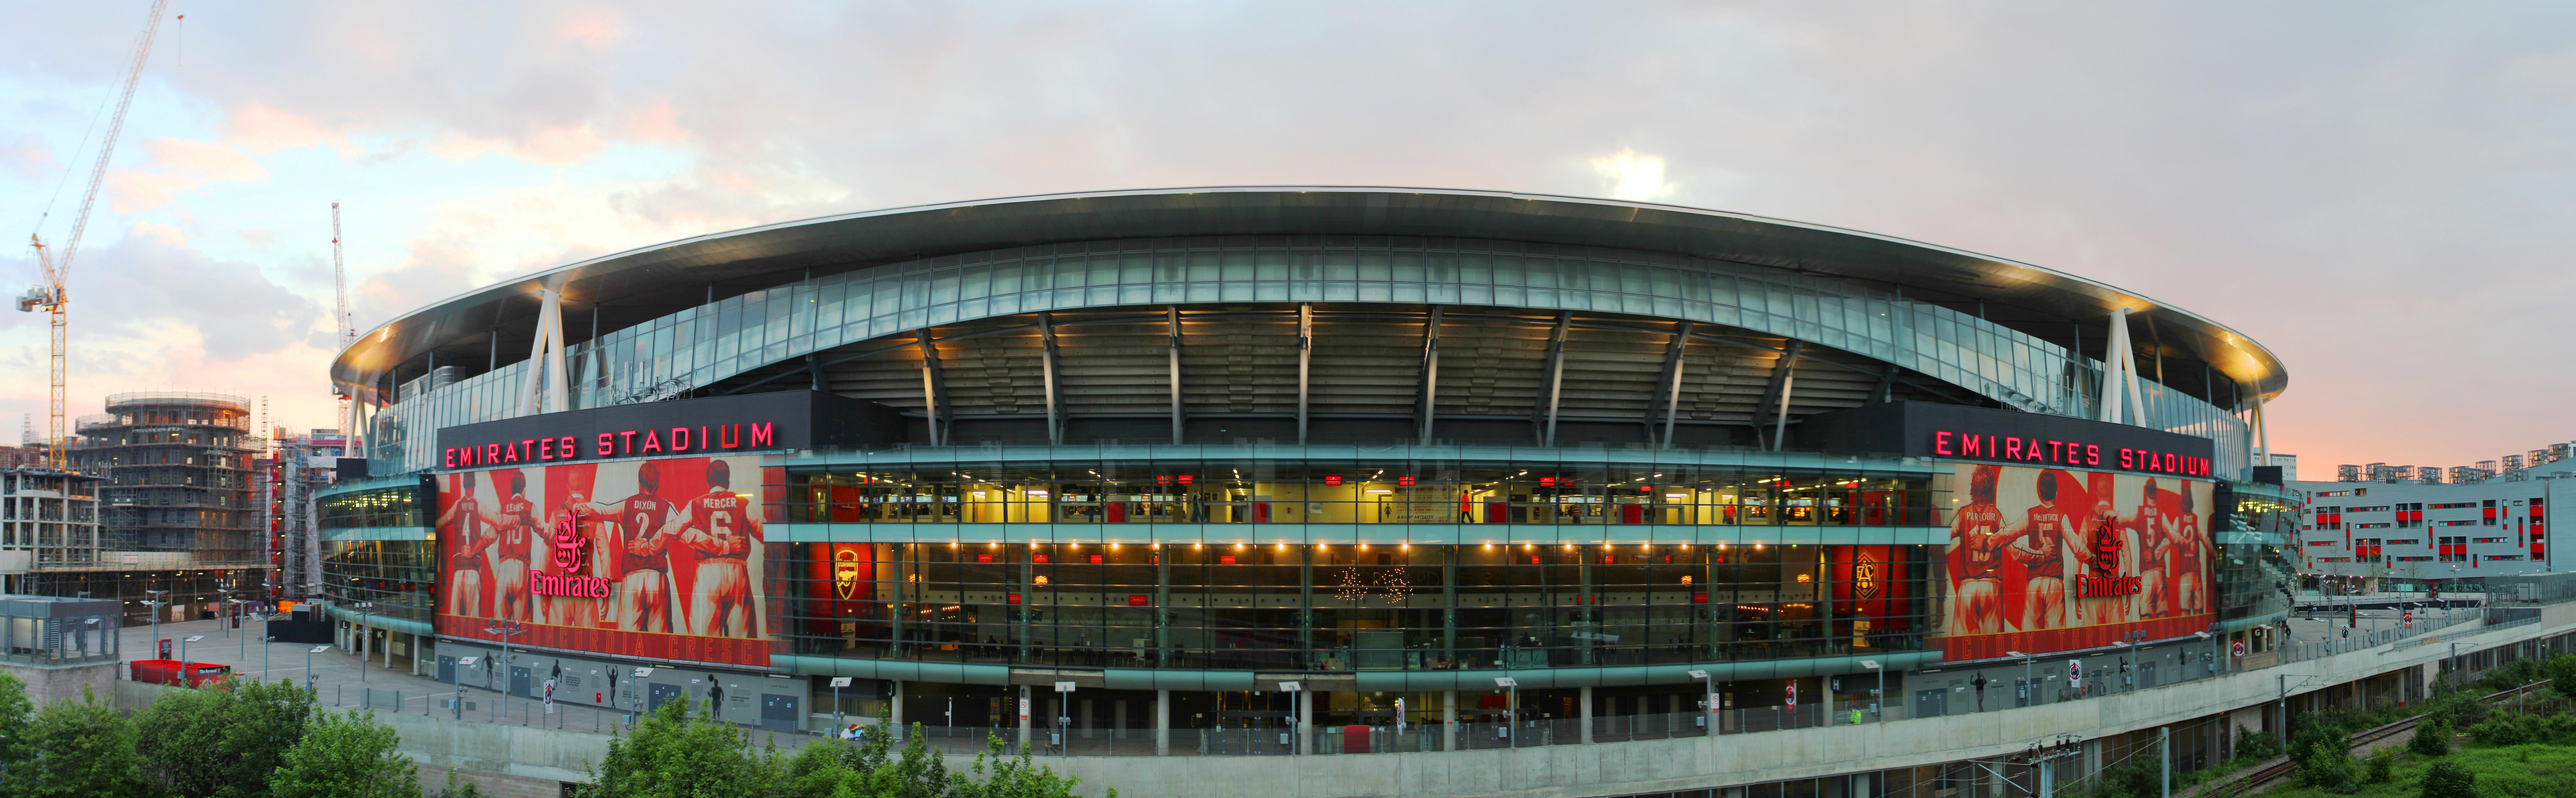 Depiction of Emirates Stadium